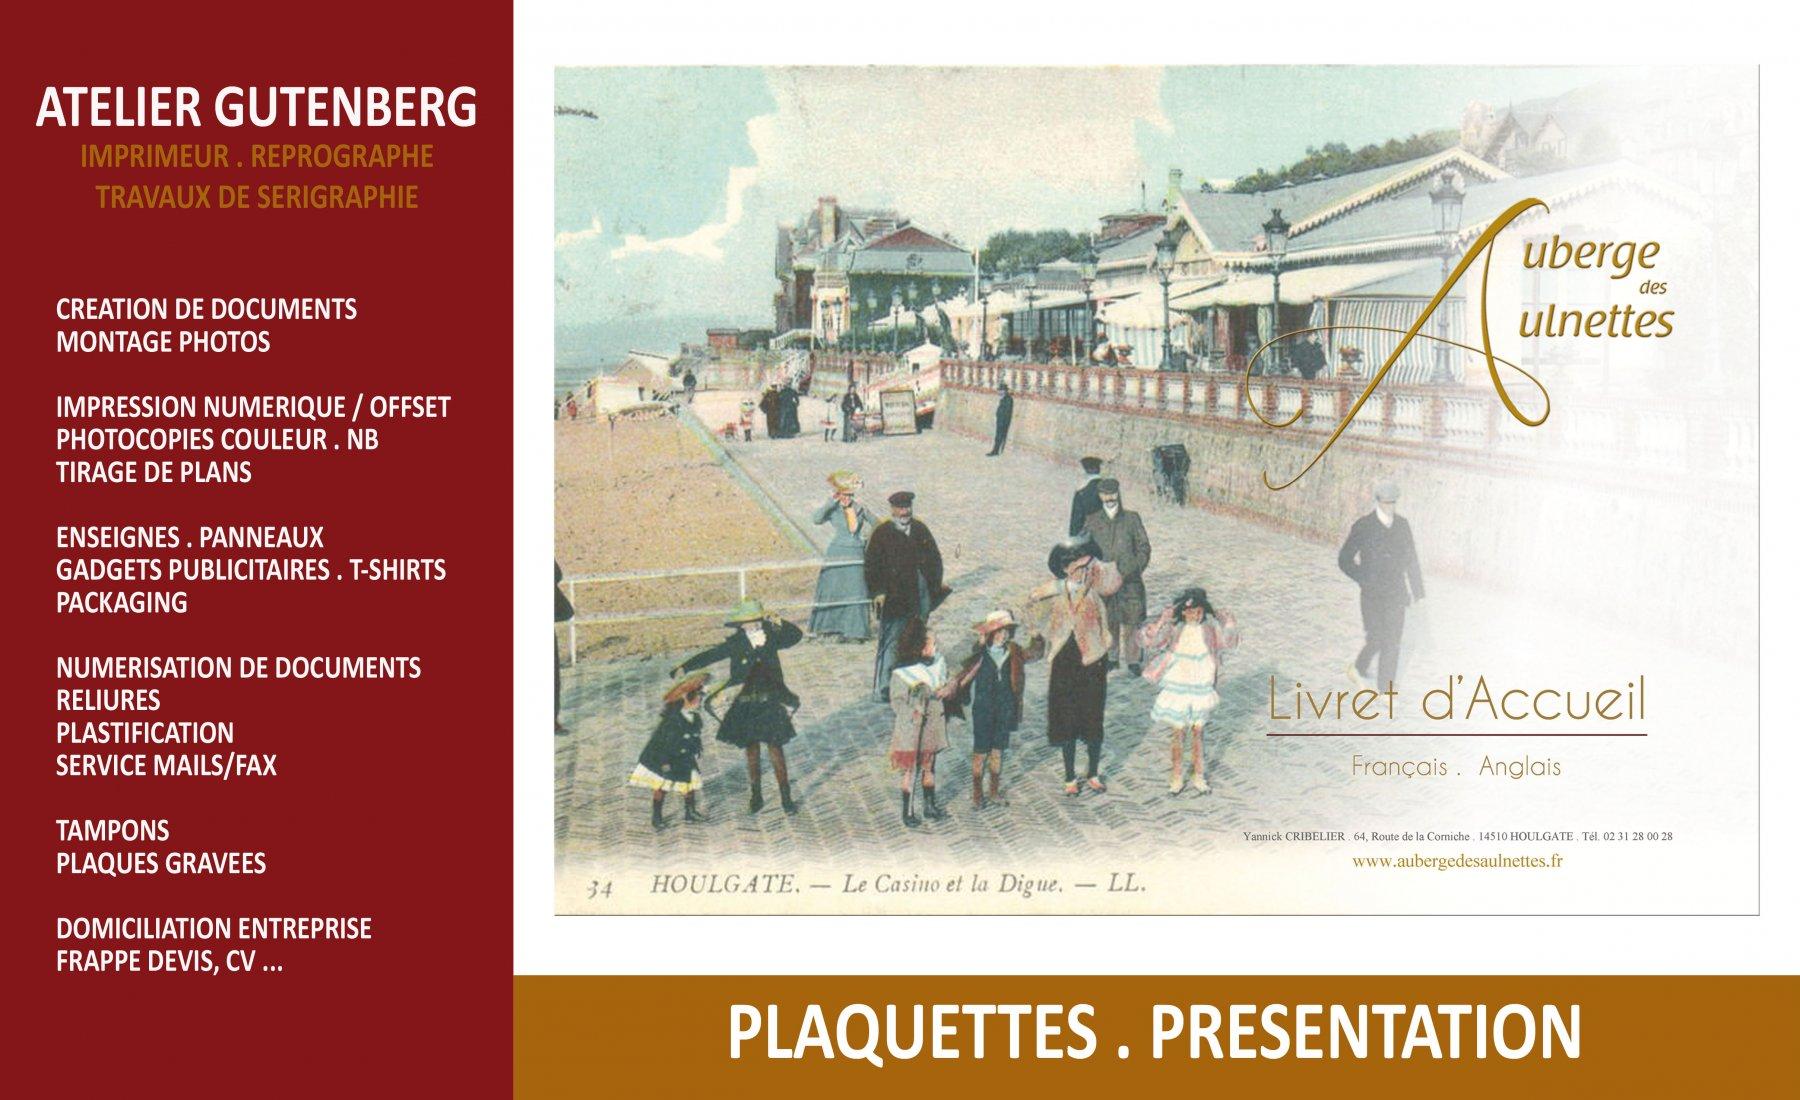 ateleir gutenberg couverture du livret d'accueil de l'auberge des aulnettes